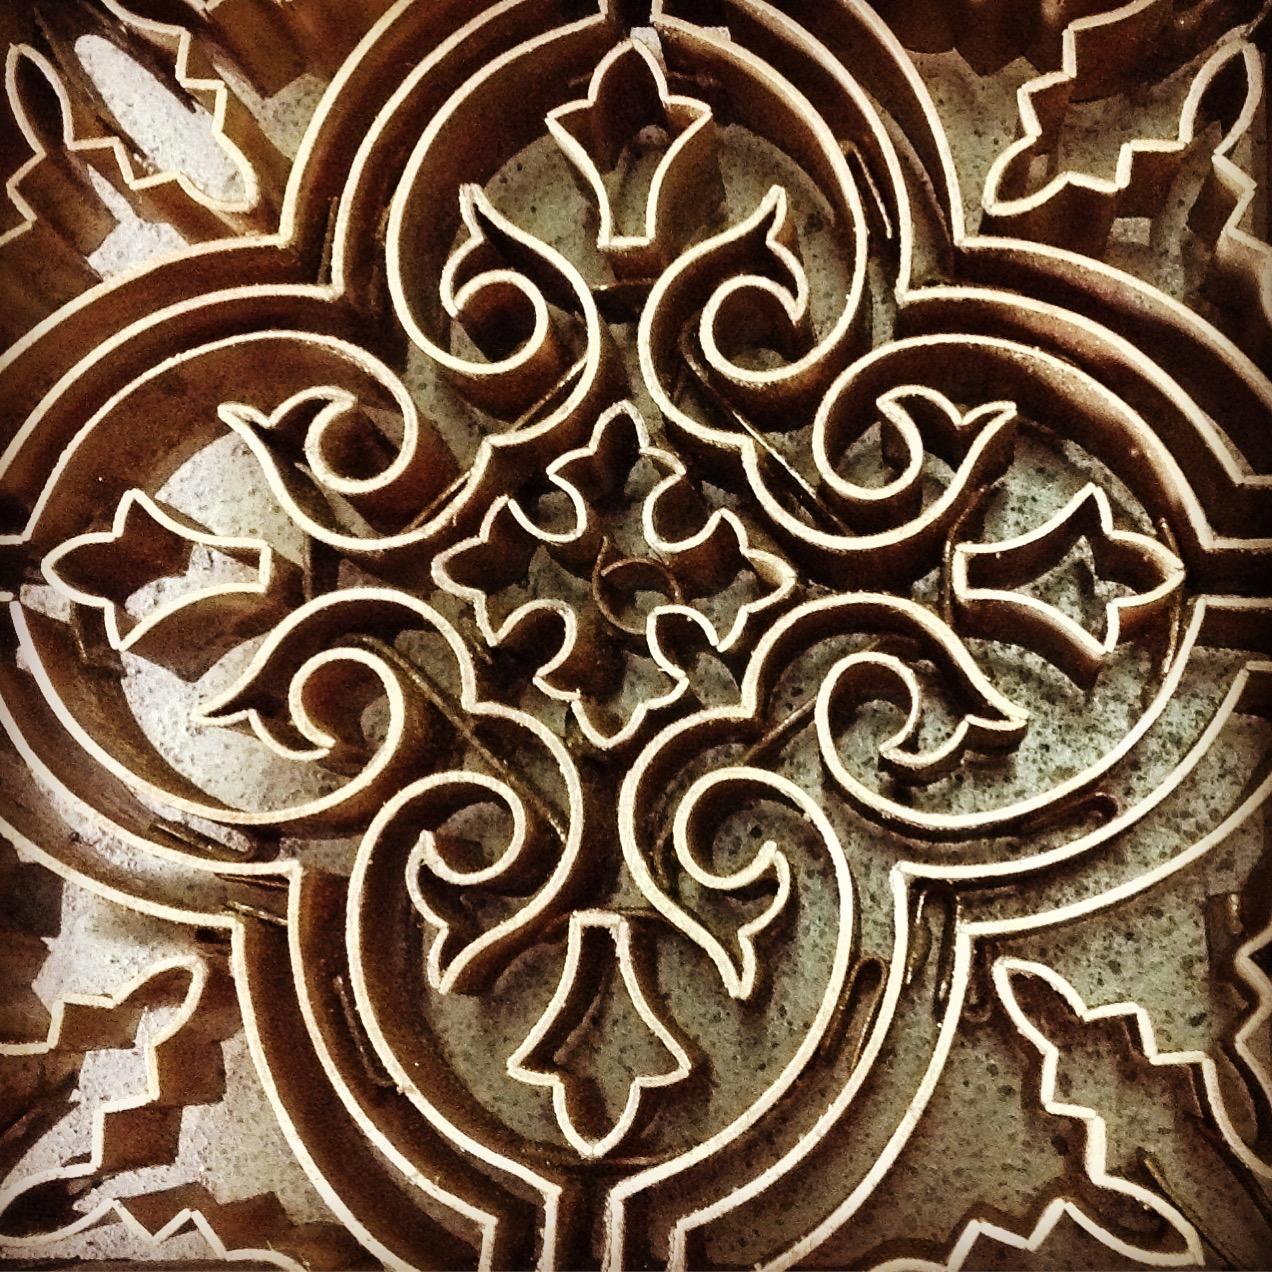 la fibule art du maroc besan on depuis plus de 25 ans. Black Bedroom Furniture Sets. Home Design Ideas